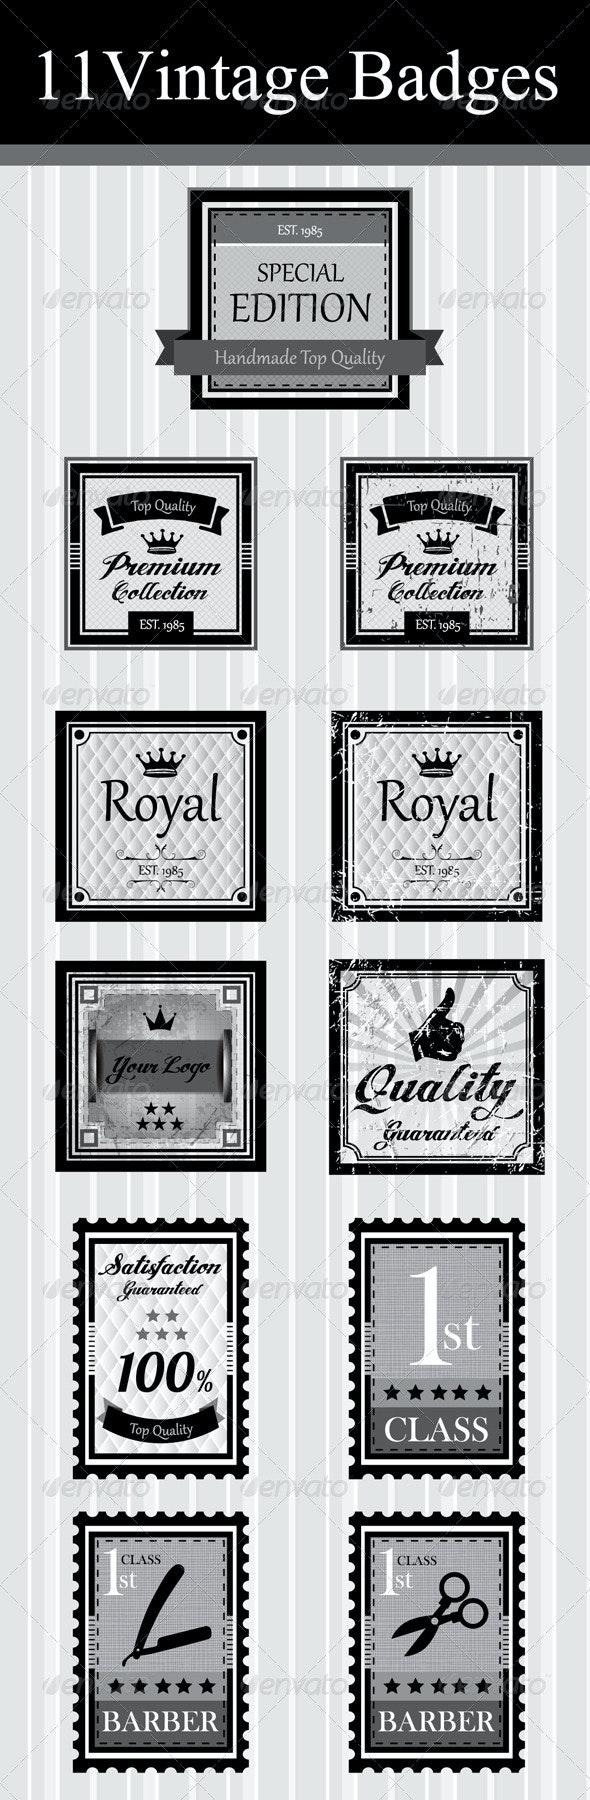 11Vintage Badges & Stamp - Badges & Stickers Web Elements